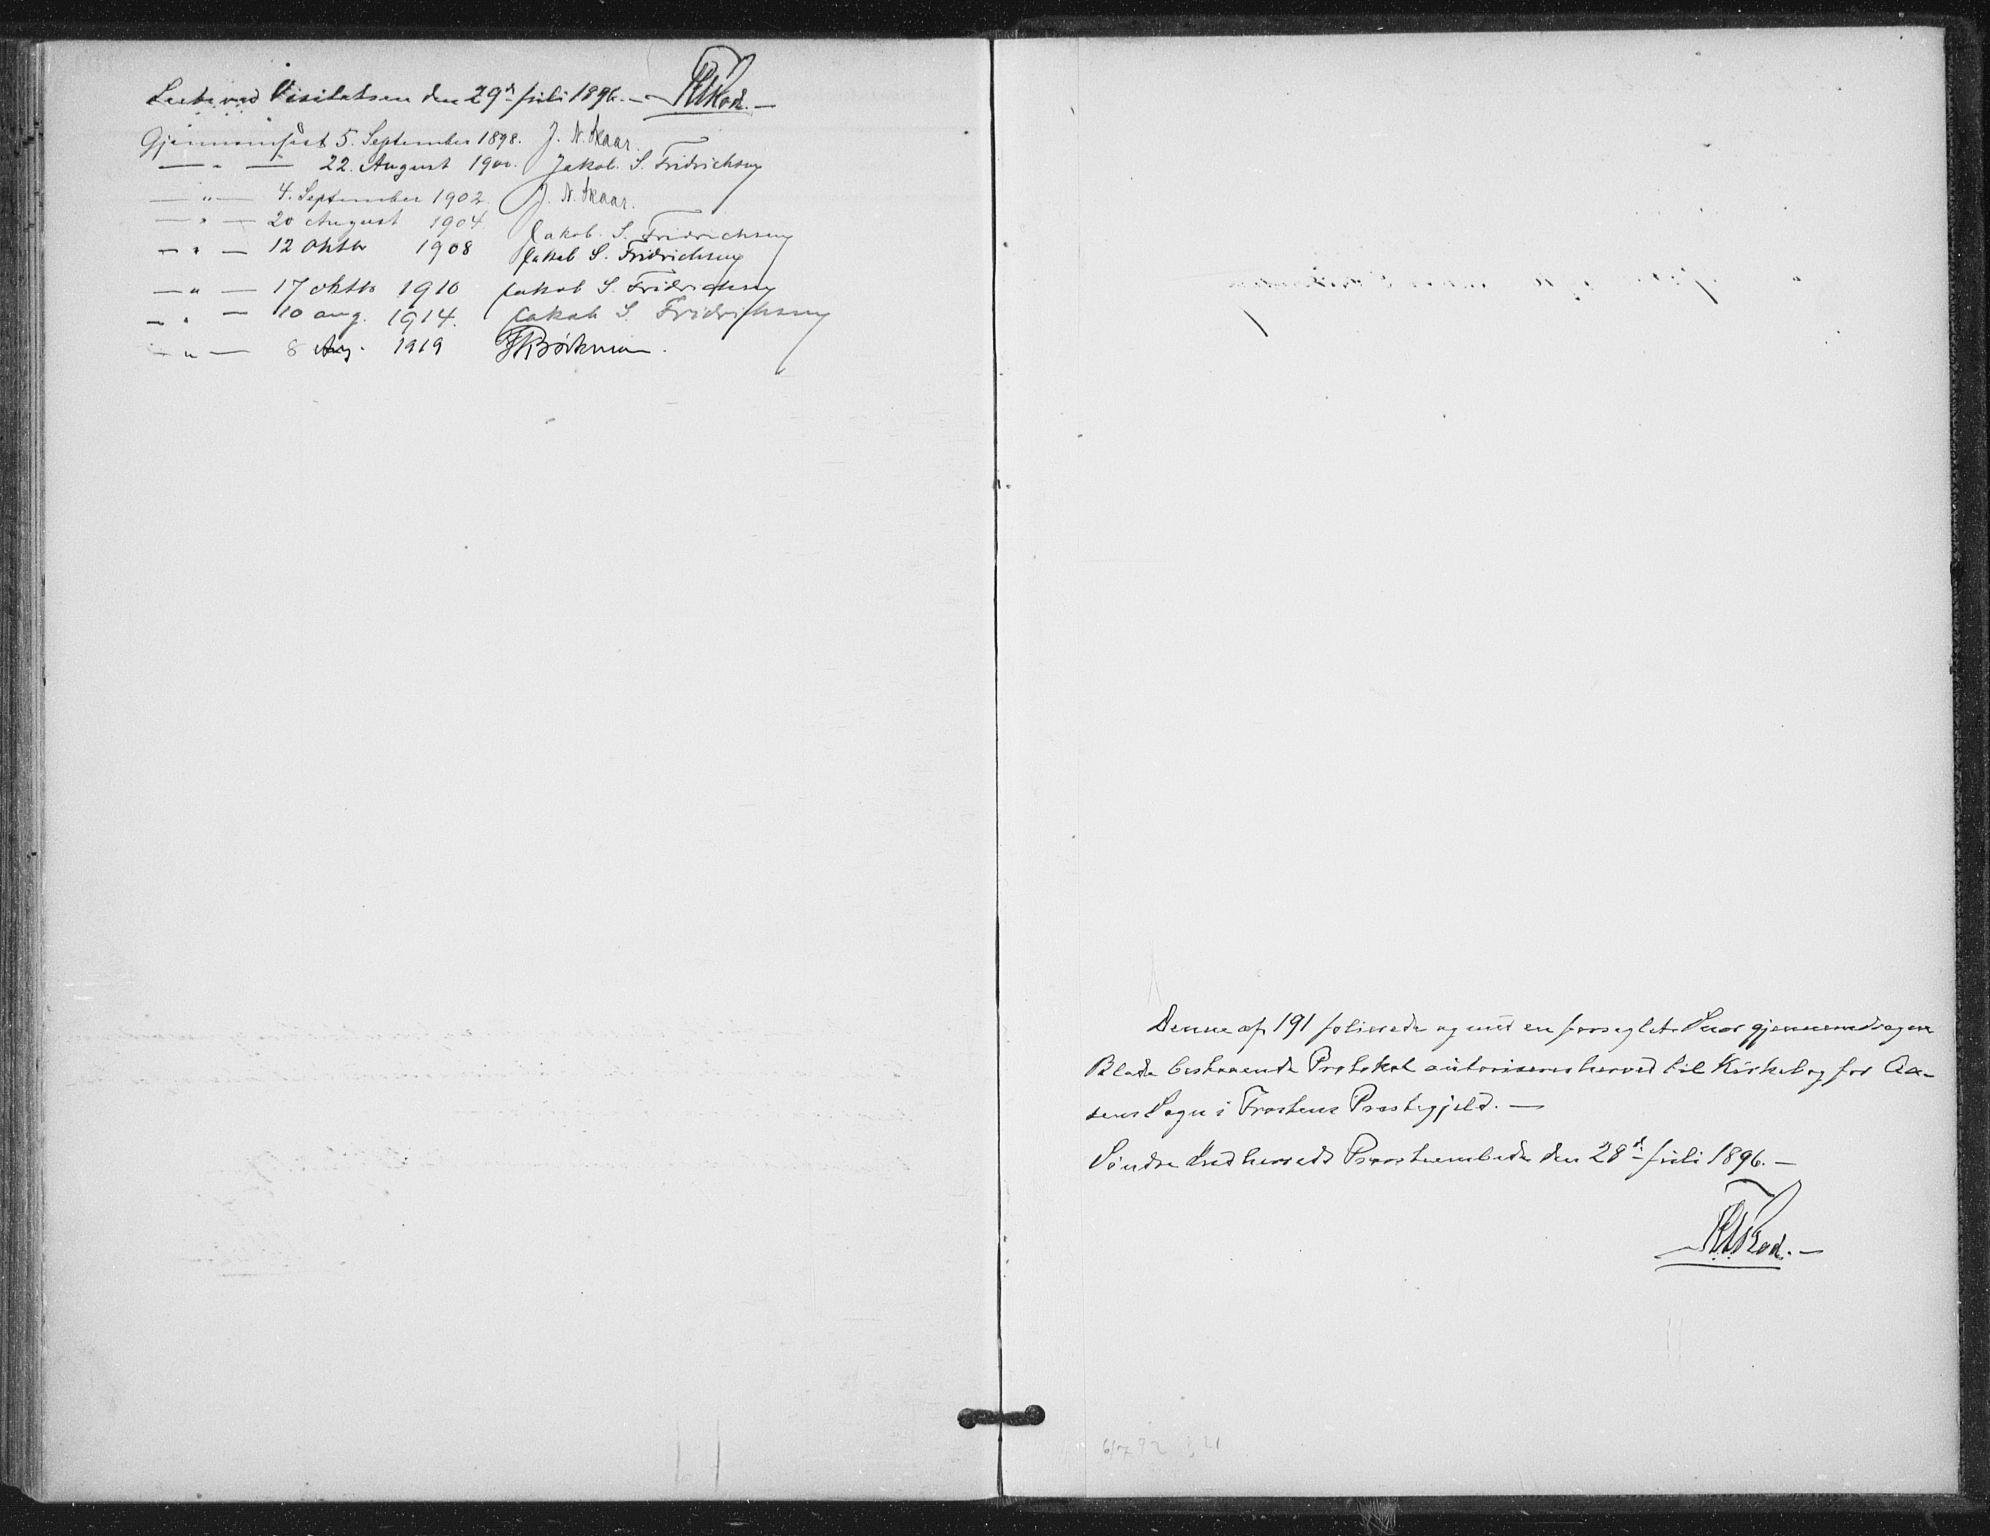 SAT, Ministerialprotokoller, klokkerbøker og fødselsregistre - Nord-Trøndelag, 714/L0131: Ministerialbok nr. 714A02, 1896-1918